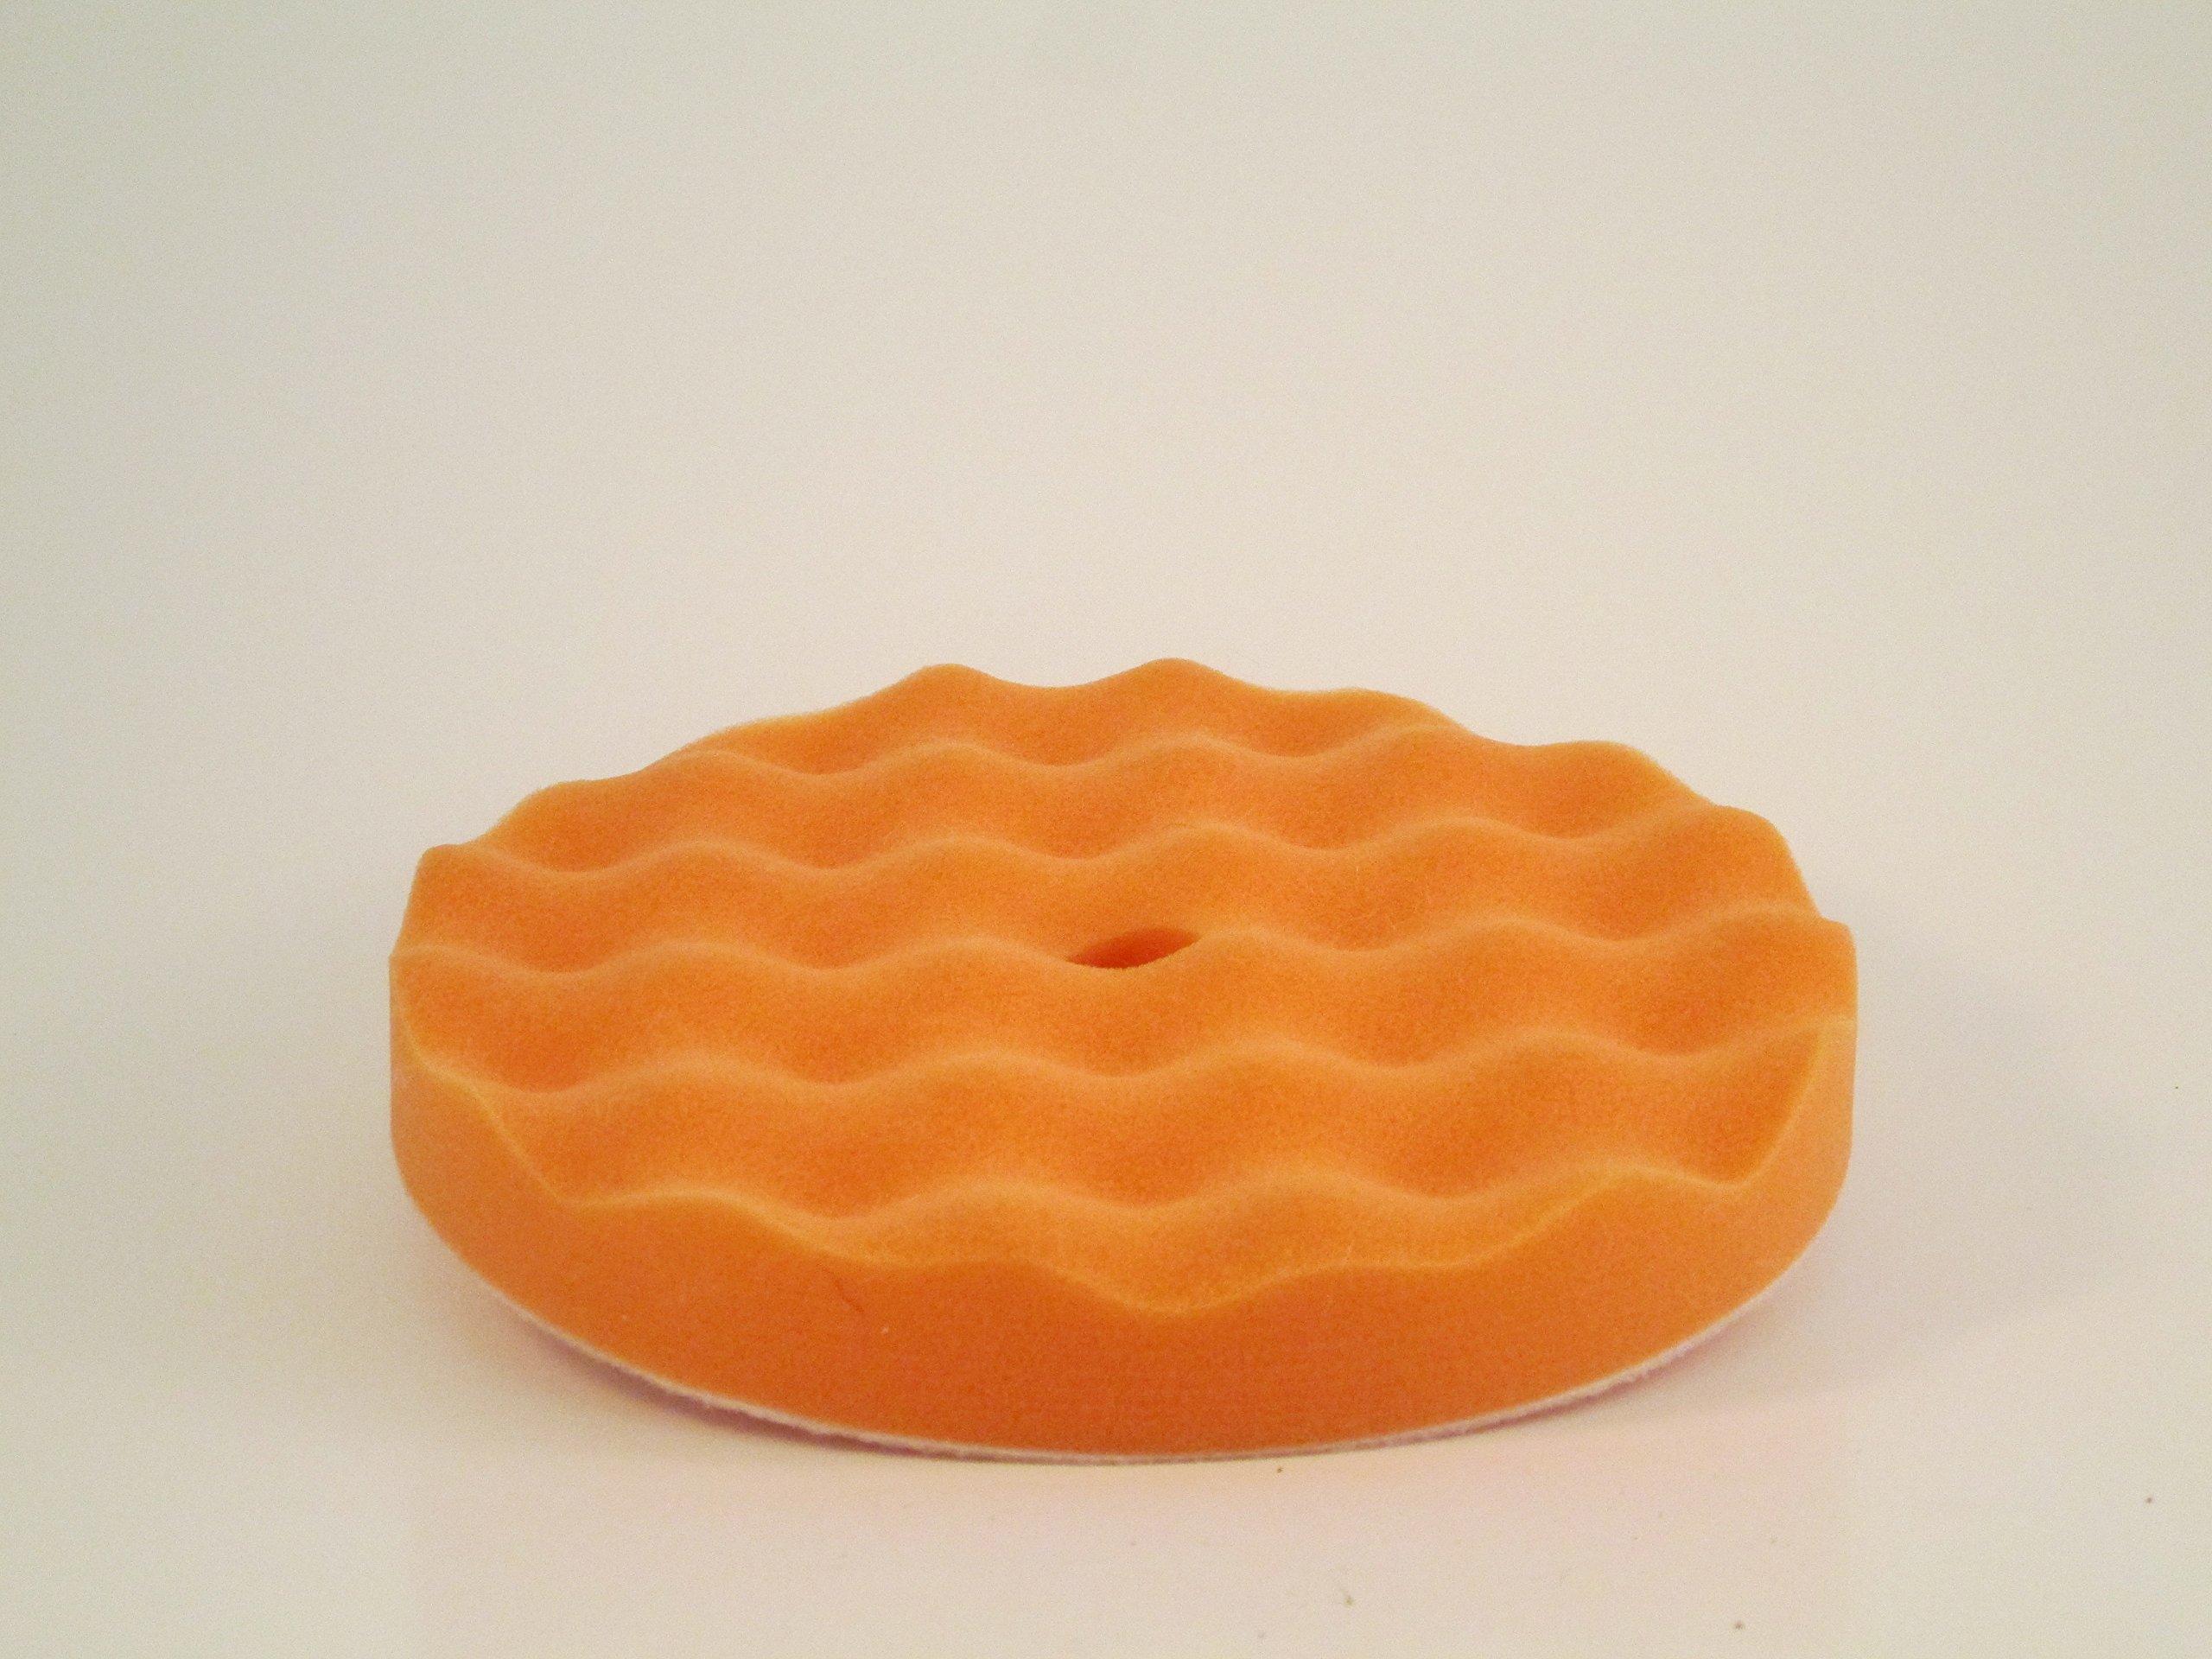 Orange Foam Waffle For Backing Pads, 7-8'', Orange